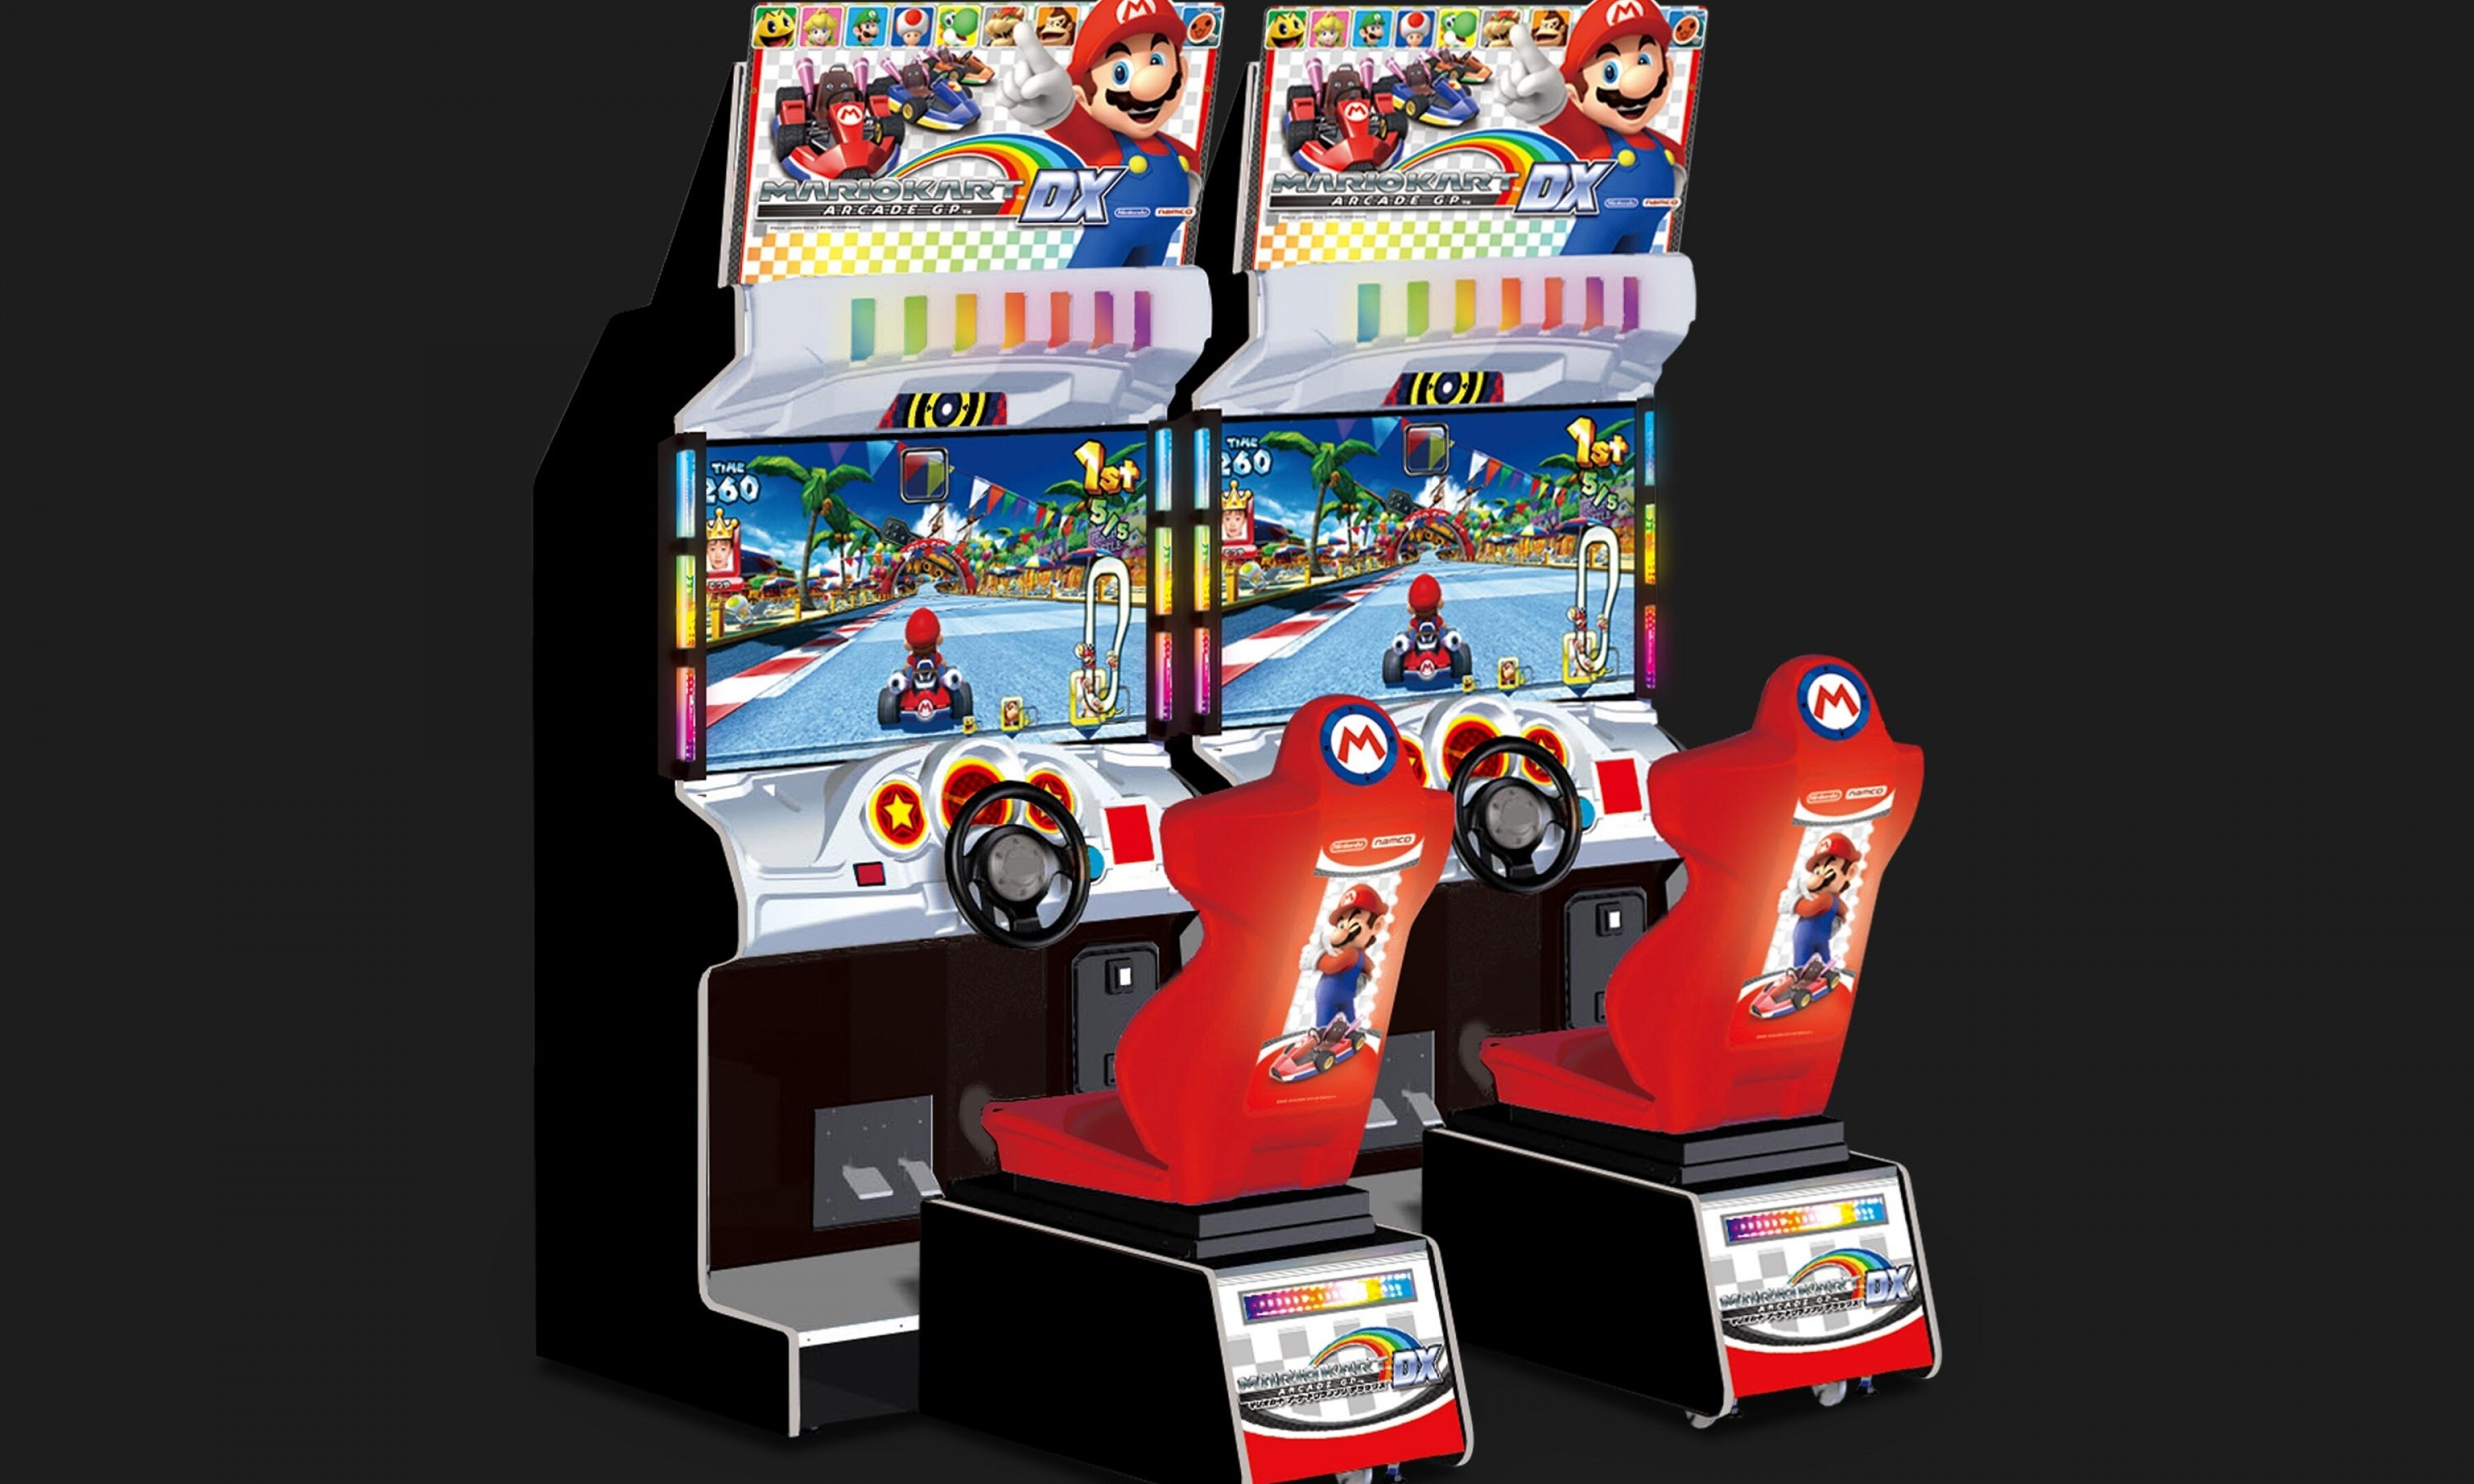 Mario Kart Racing one